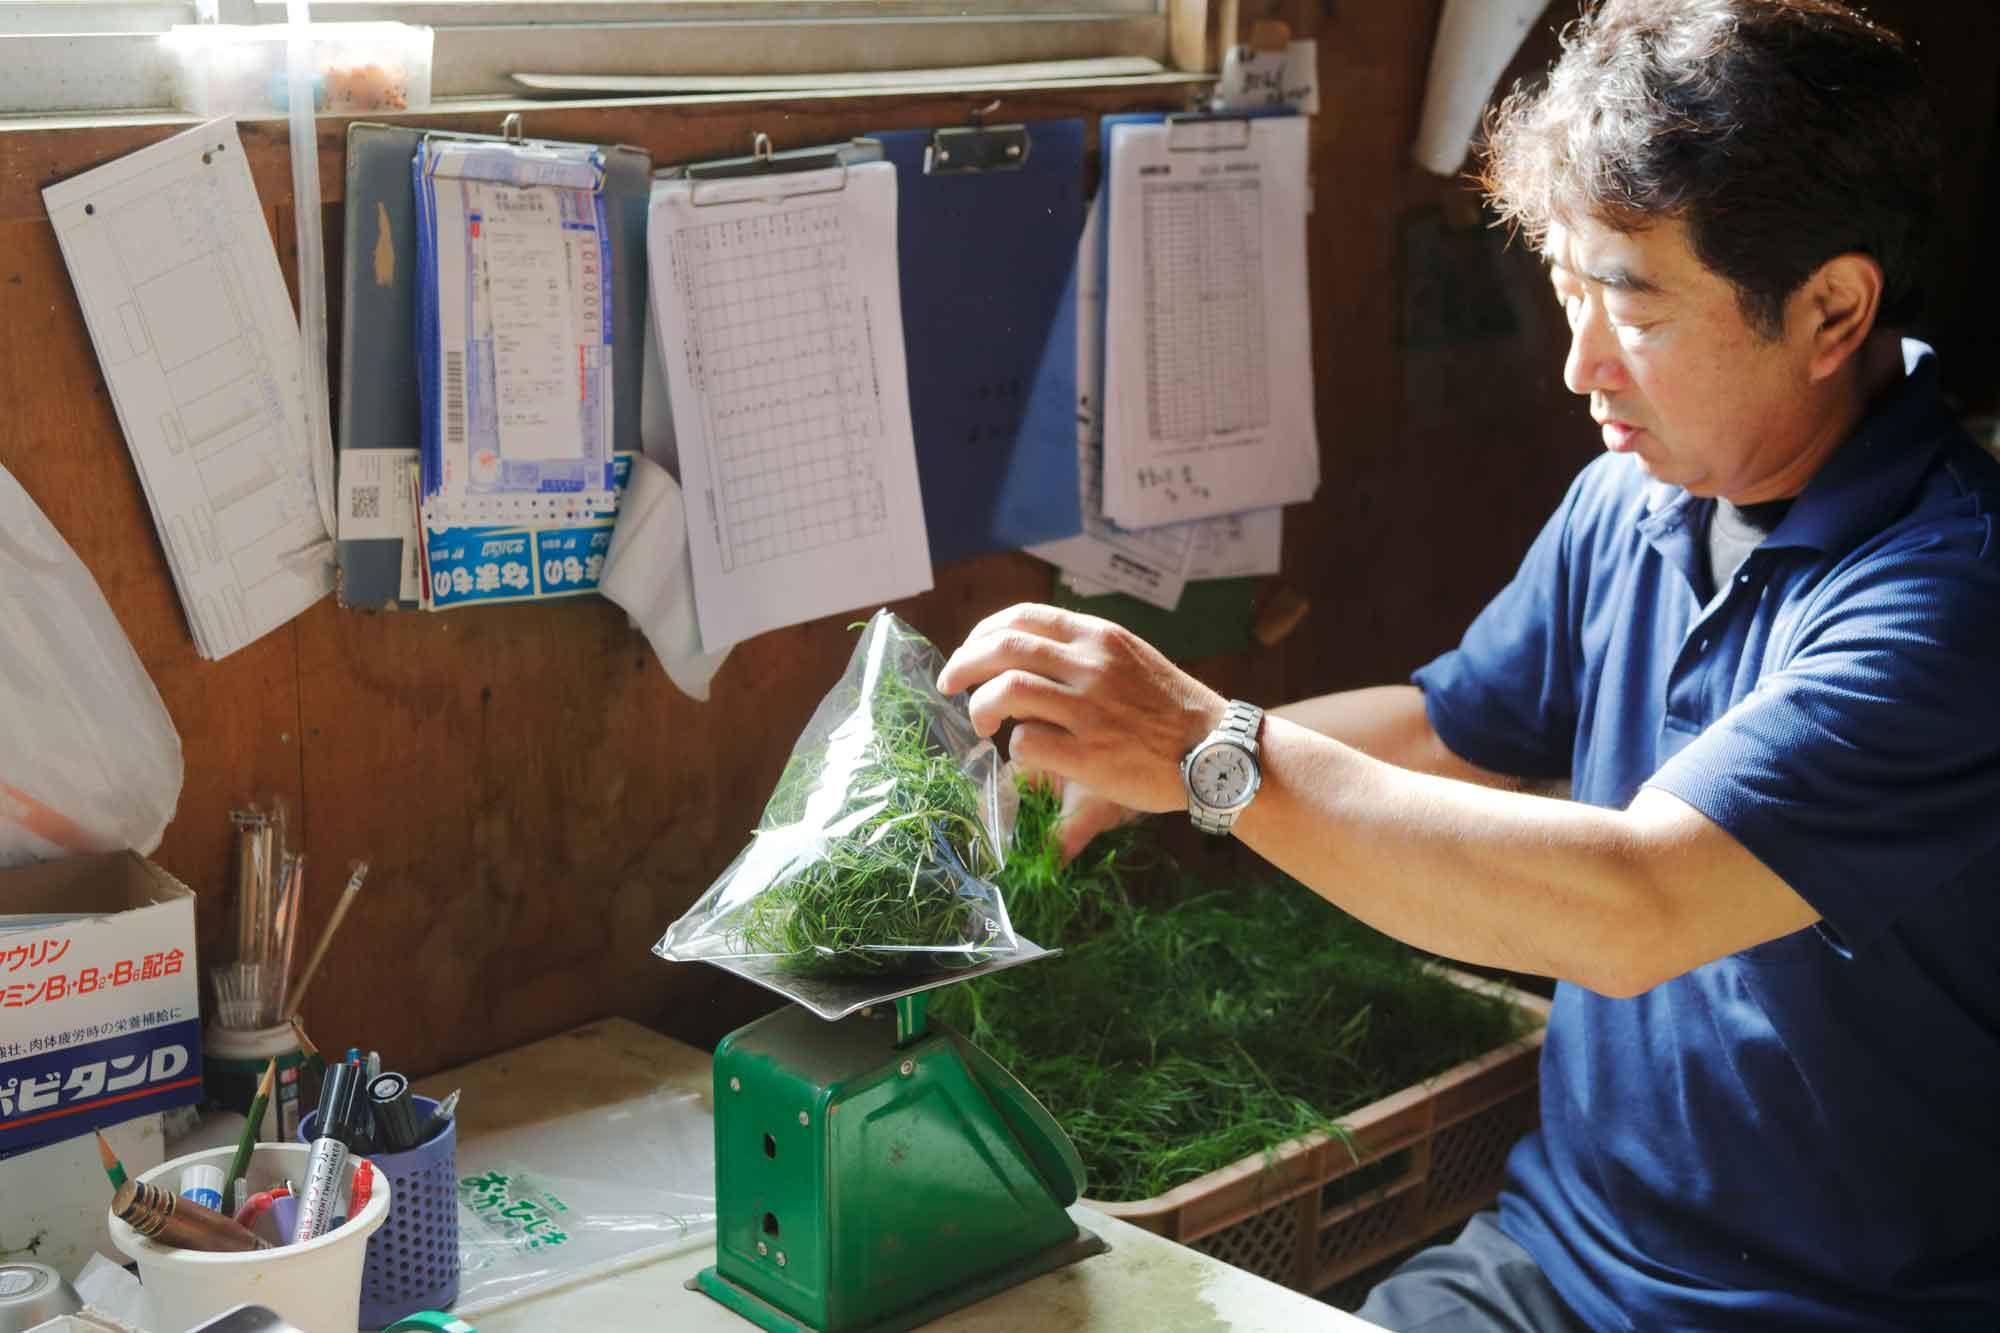 山形県アンテナショップおいしい山形 素材を訪ねて|おかひじき:                     多い日では100kg以上も出荷するのだとか。